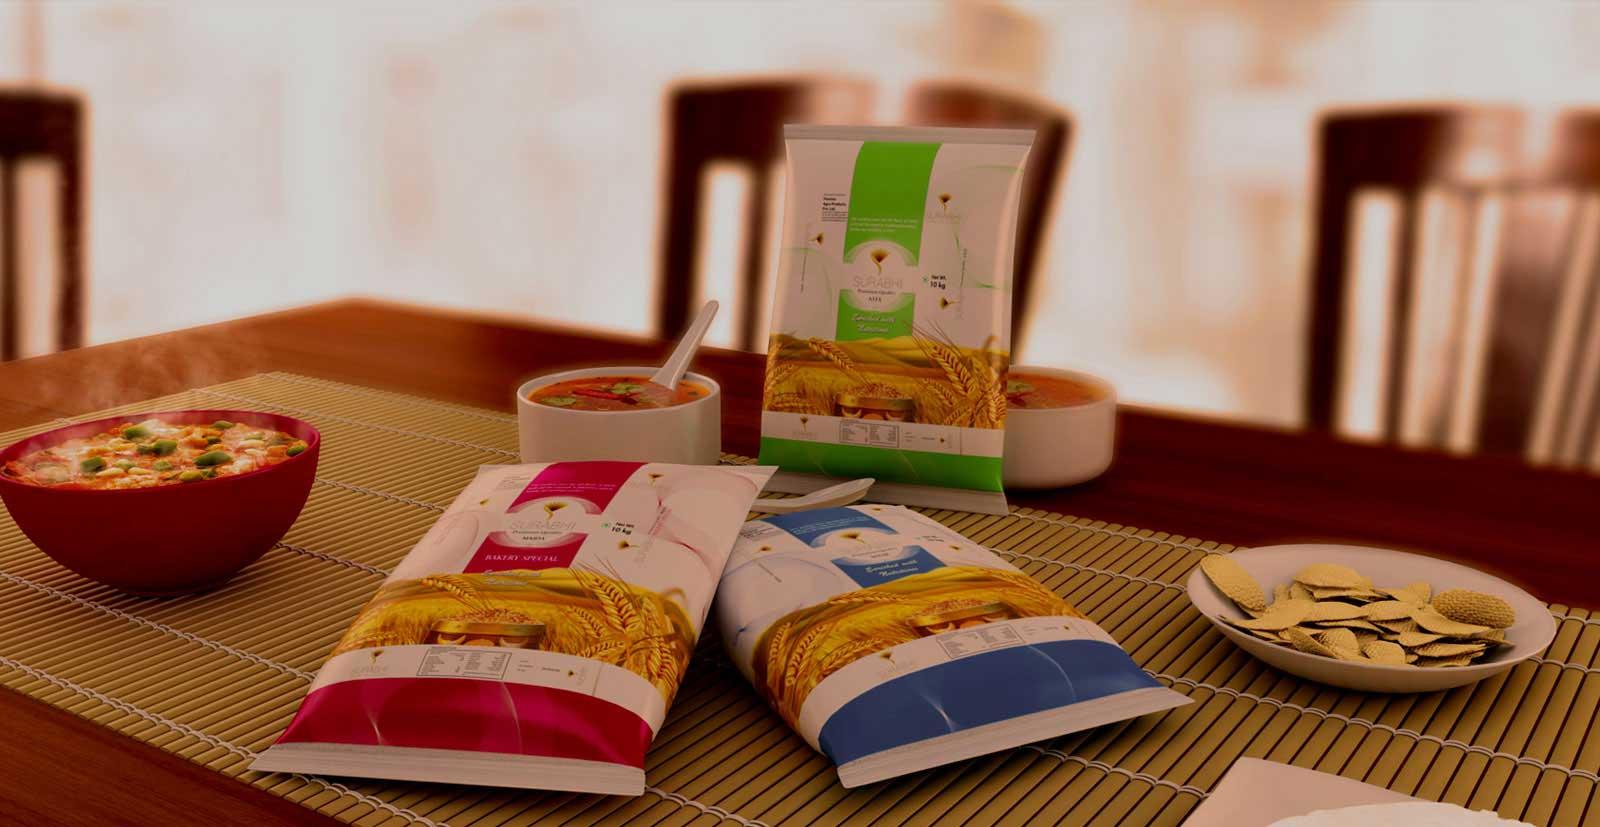 Surabhi wheat flour manufacturers in kerala,Chakki fresh atta